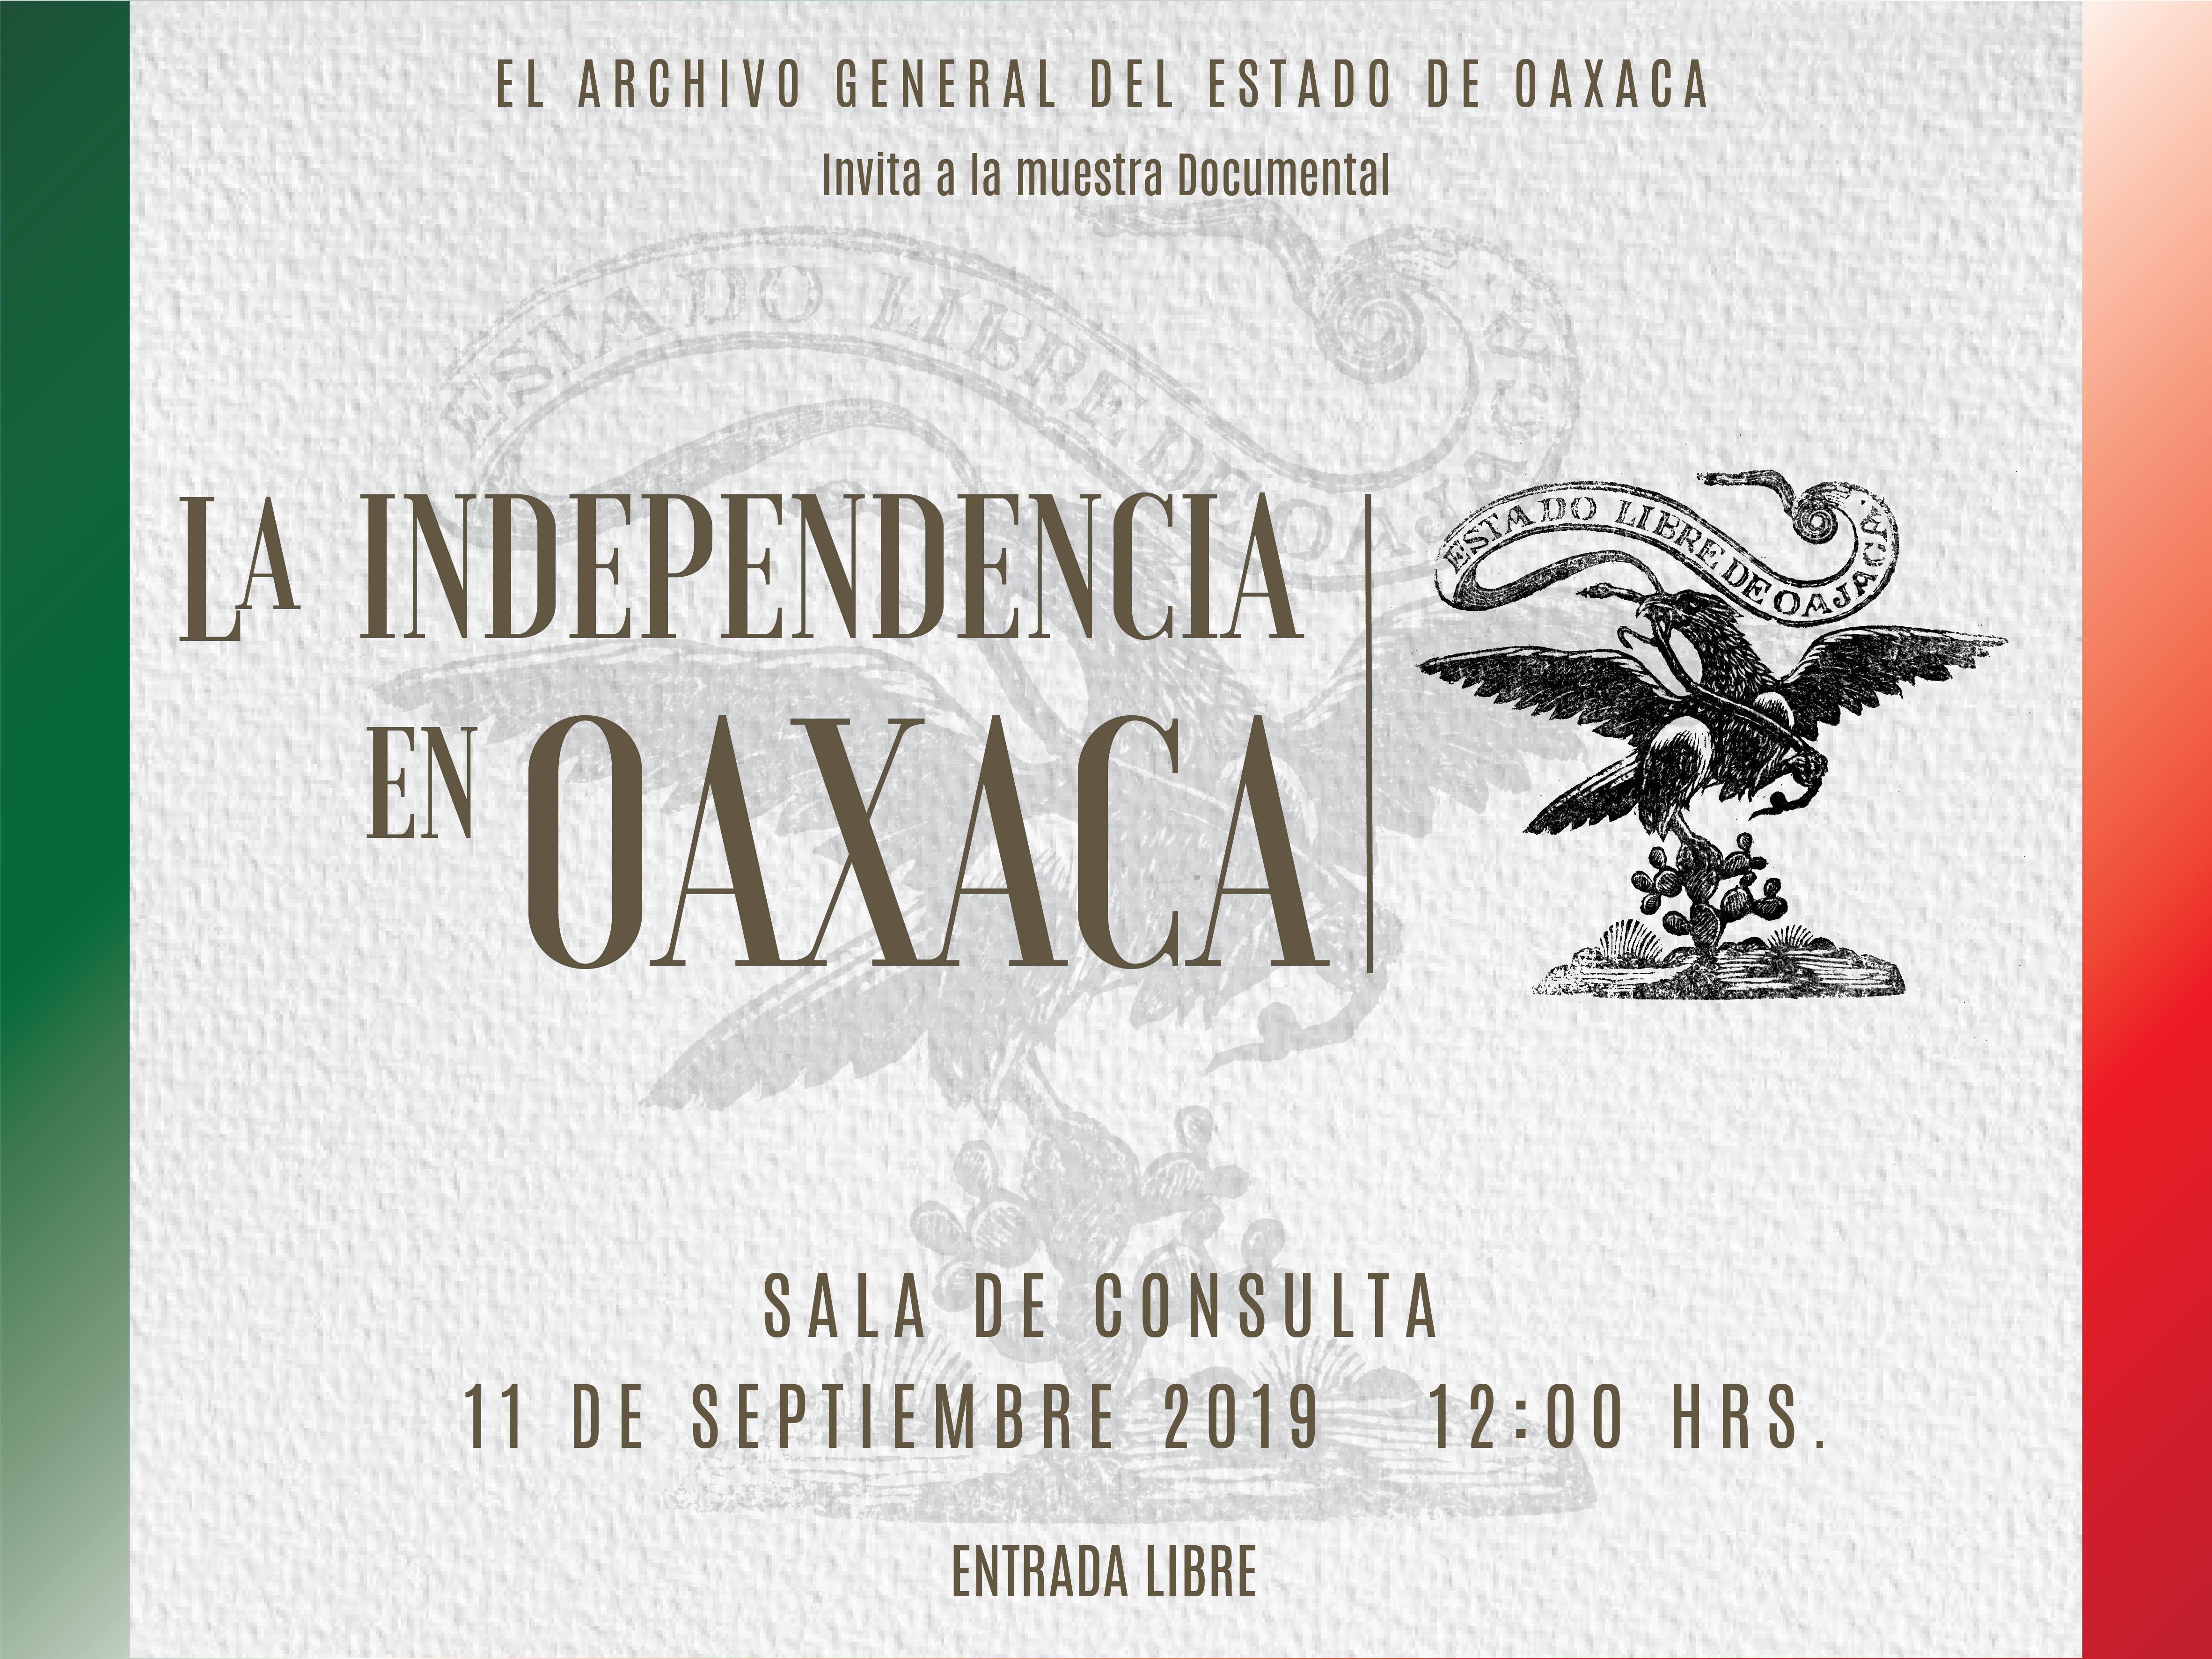 La Independencia en Oaxaca